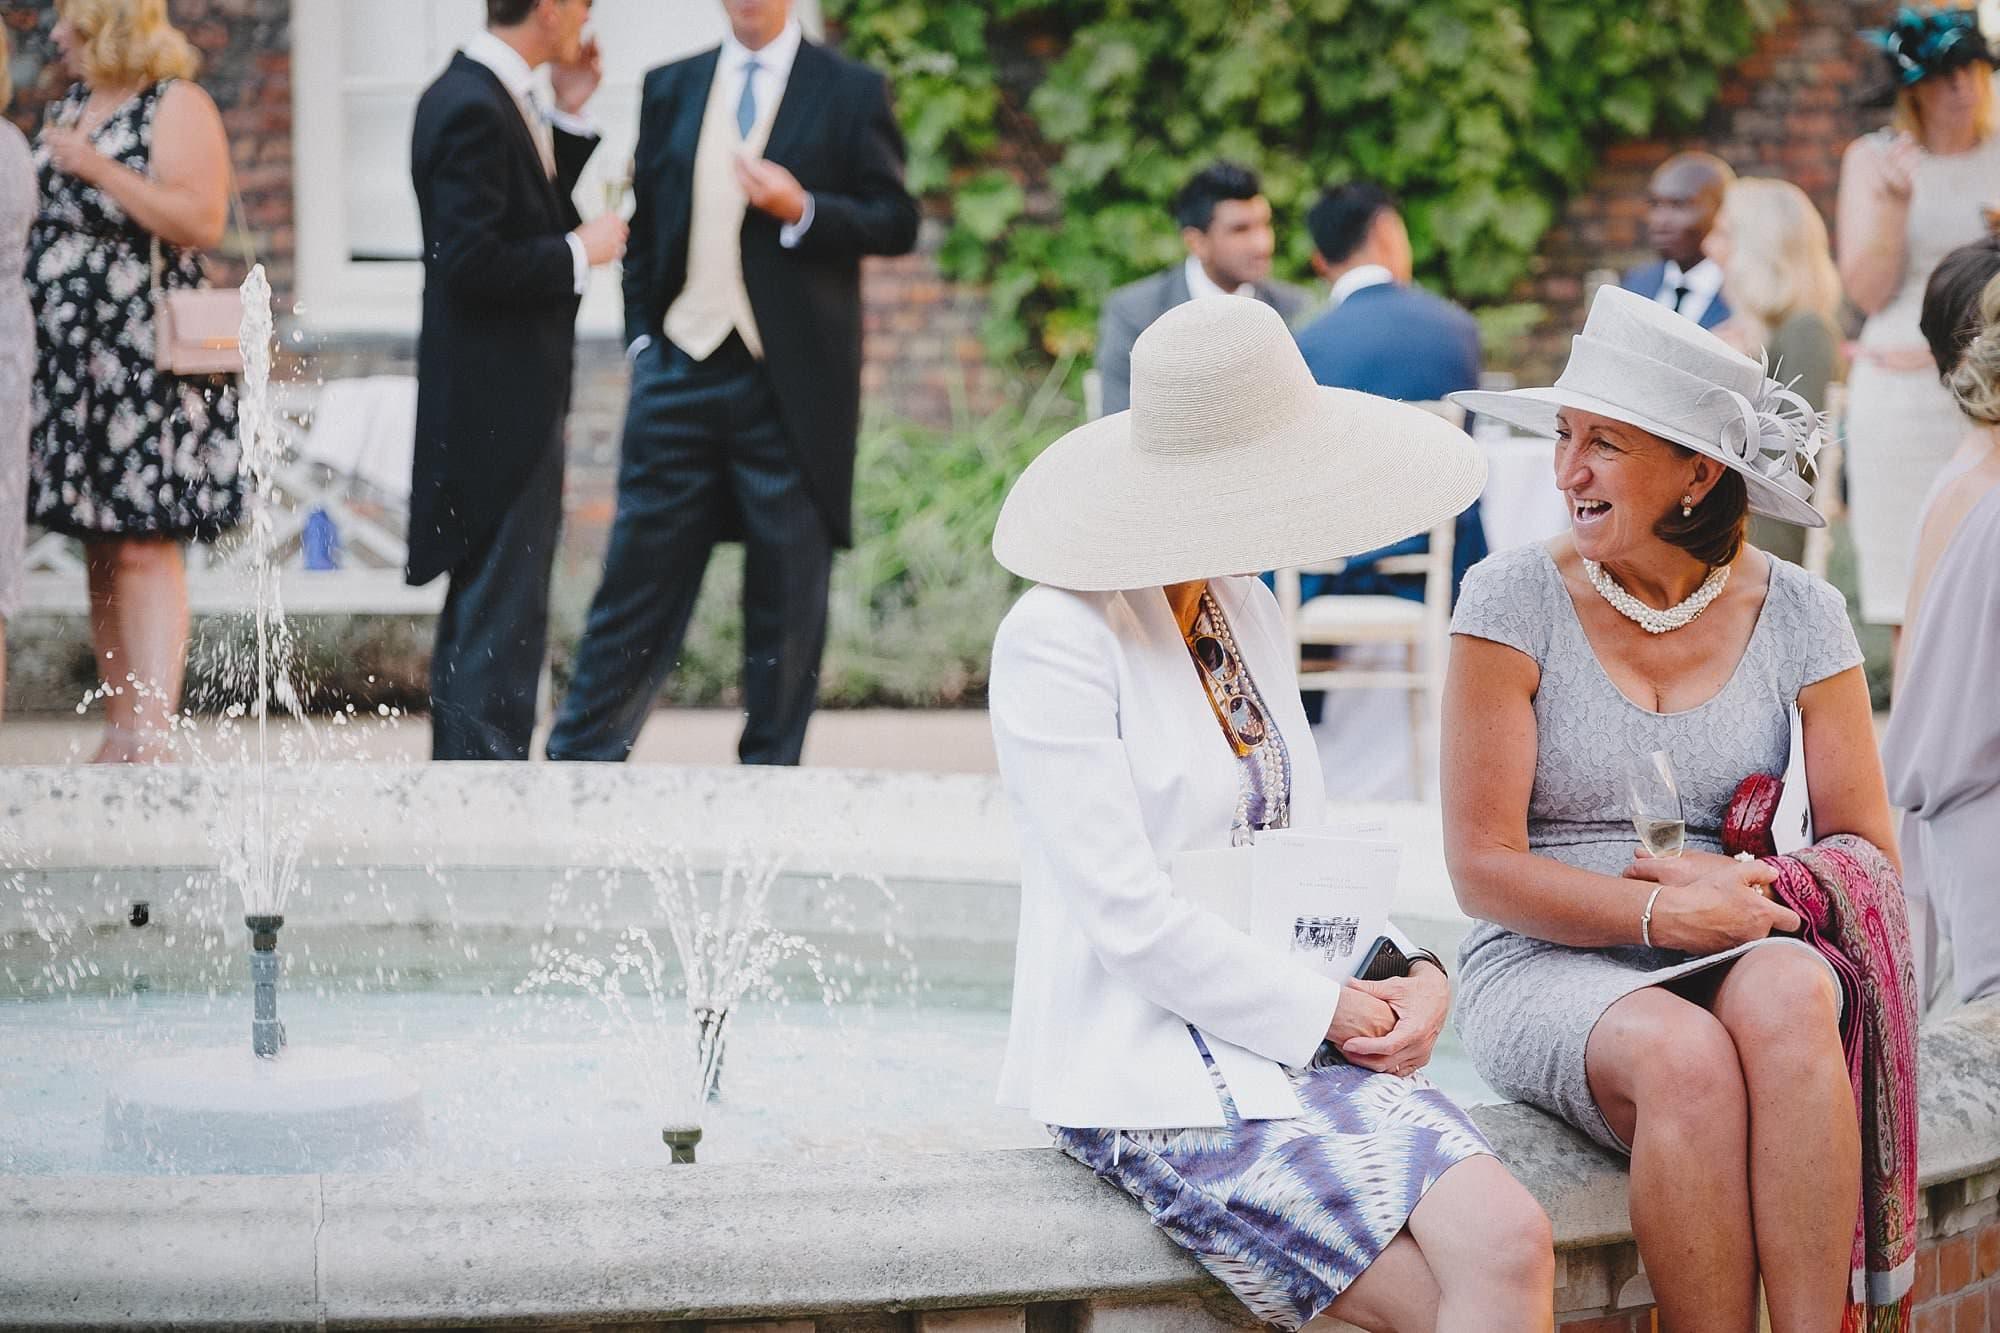 fulham palace wedding photographer 057 - Rosanna & Duncan's Fulham Palace Wedding